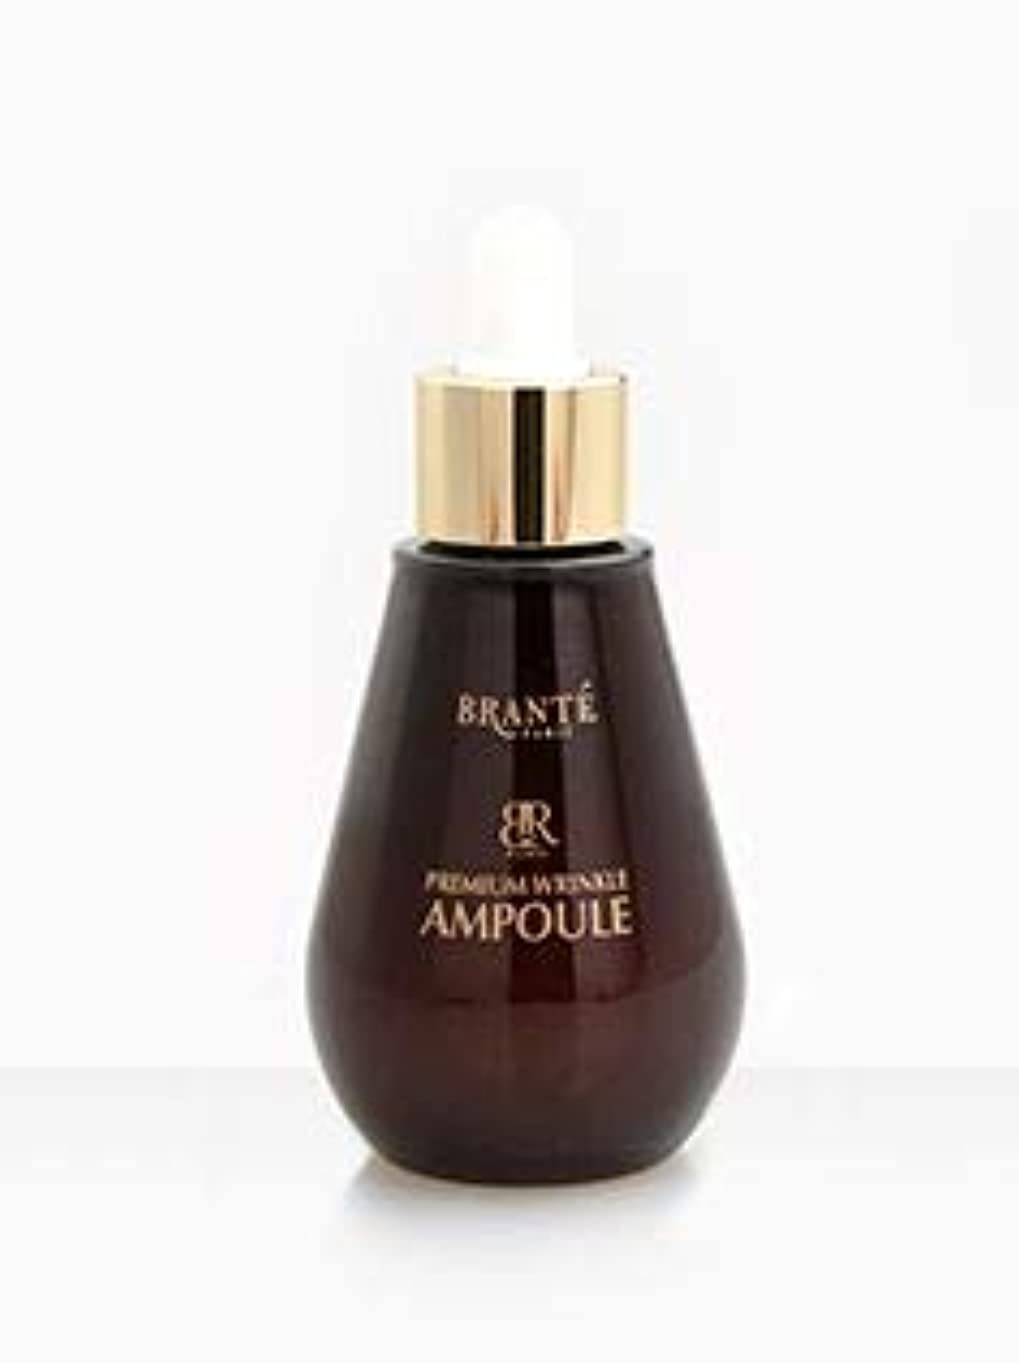 透ける忌み嫌う征服者[BRANTE] Premium Wrinkle Ampoule 50ml / [BRANTE]プレミアムリンクルアンプル50ml [並行輸入品]